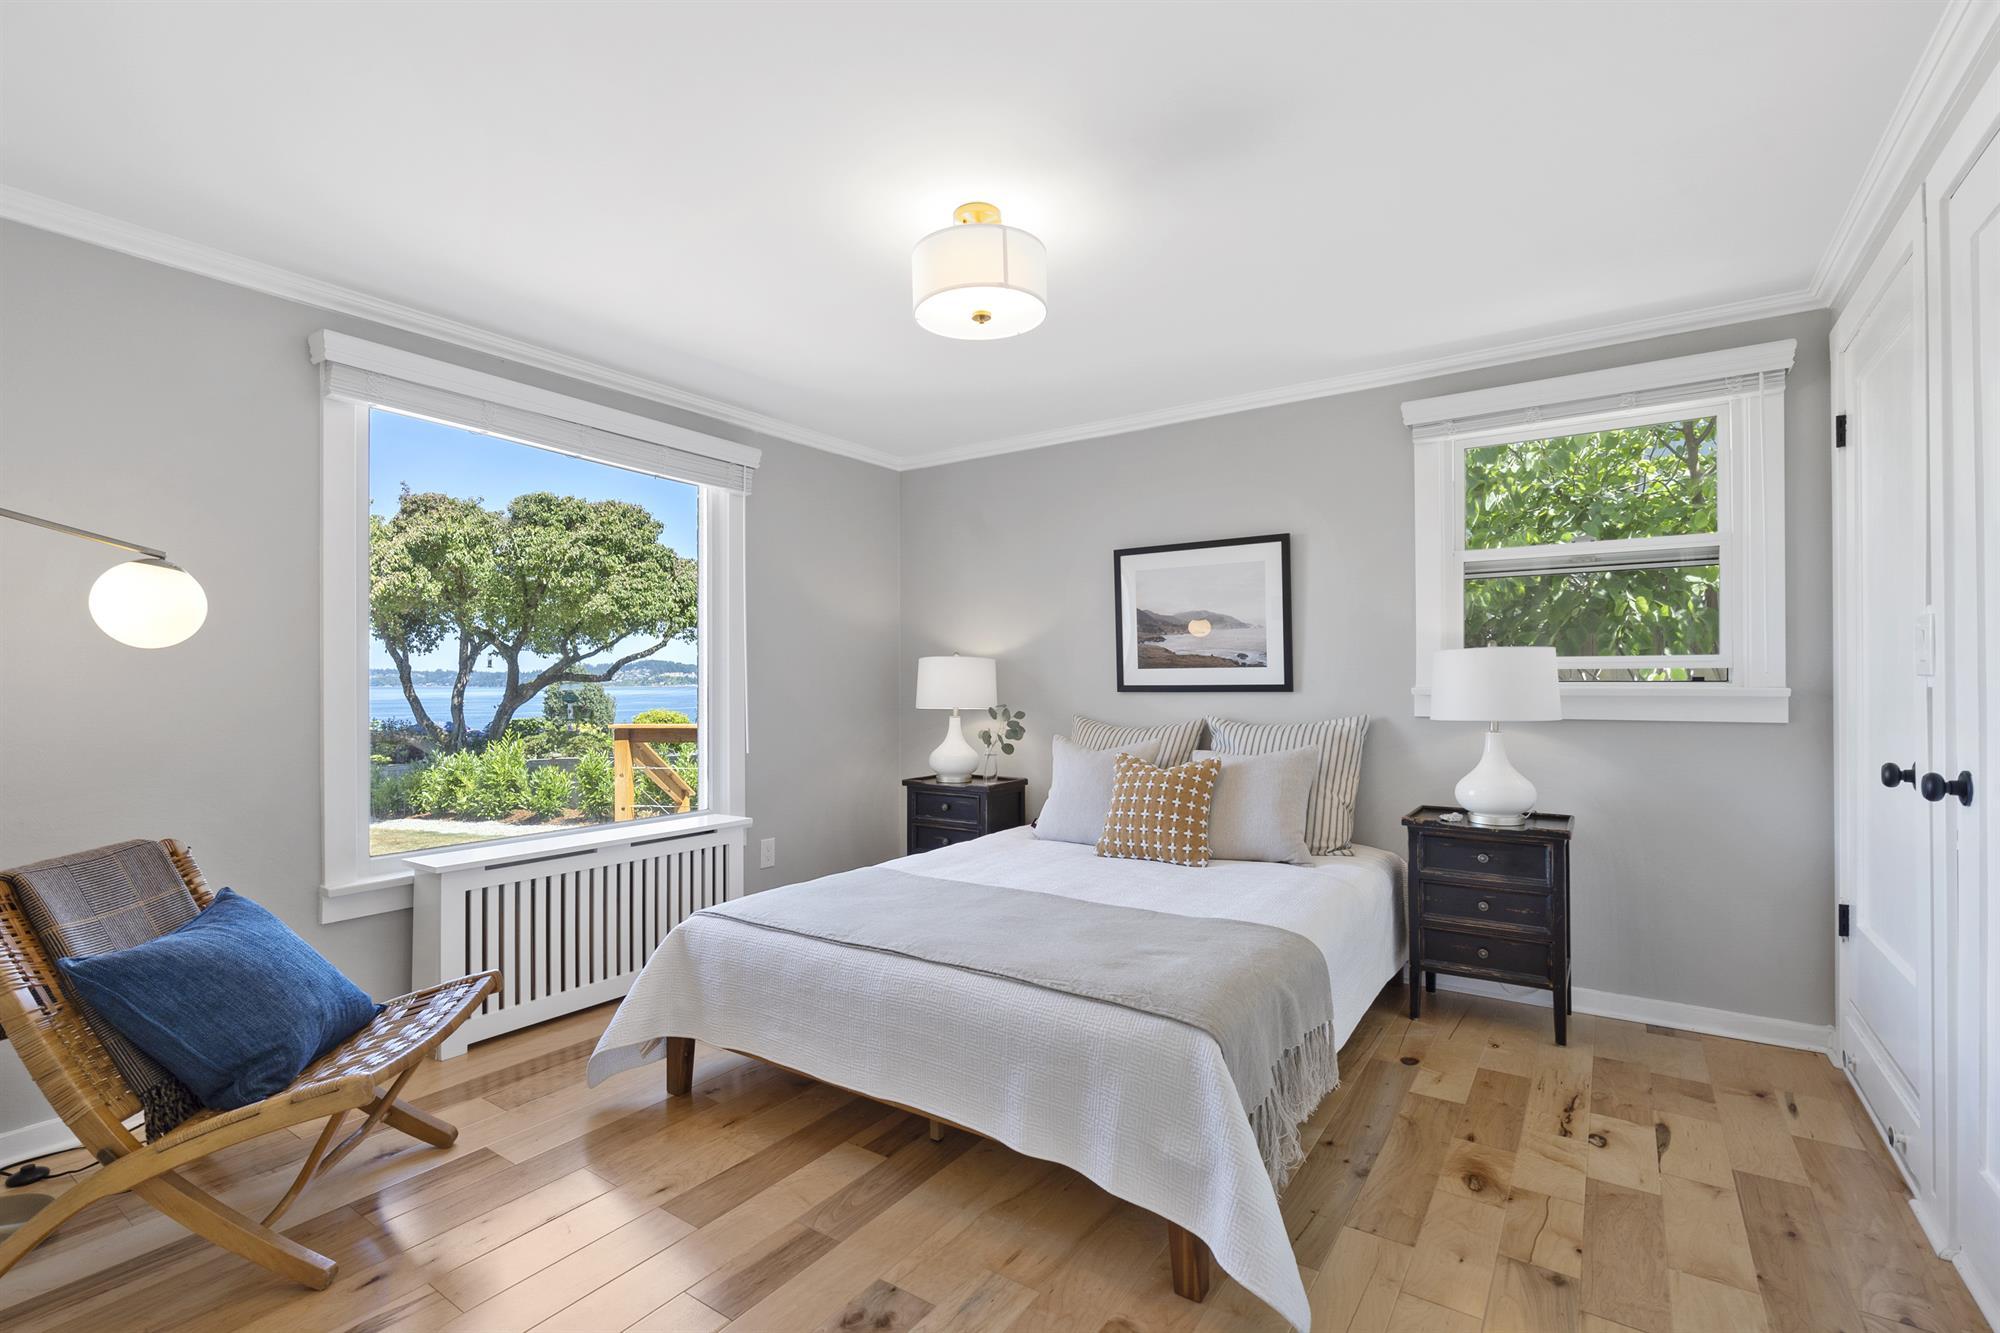 Main floor bedroom offers ample closet storage